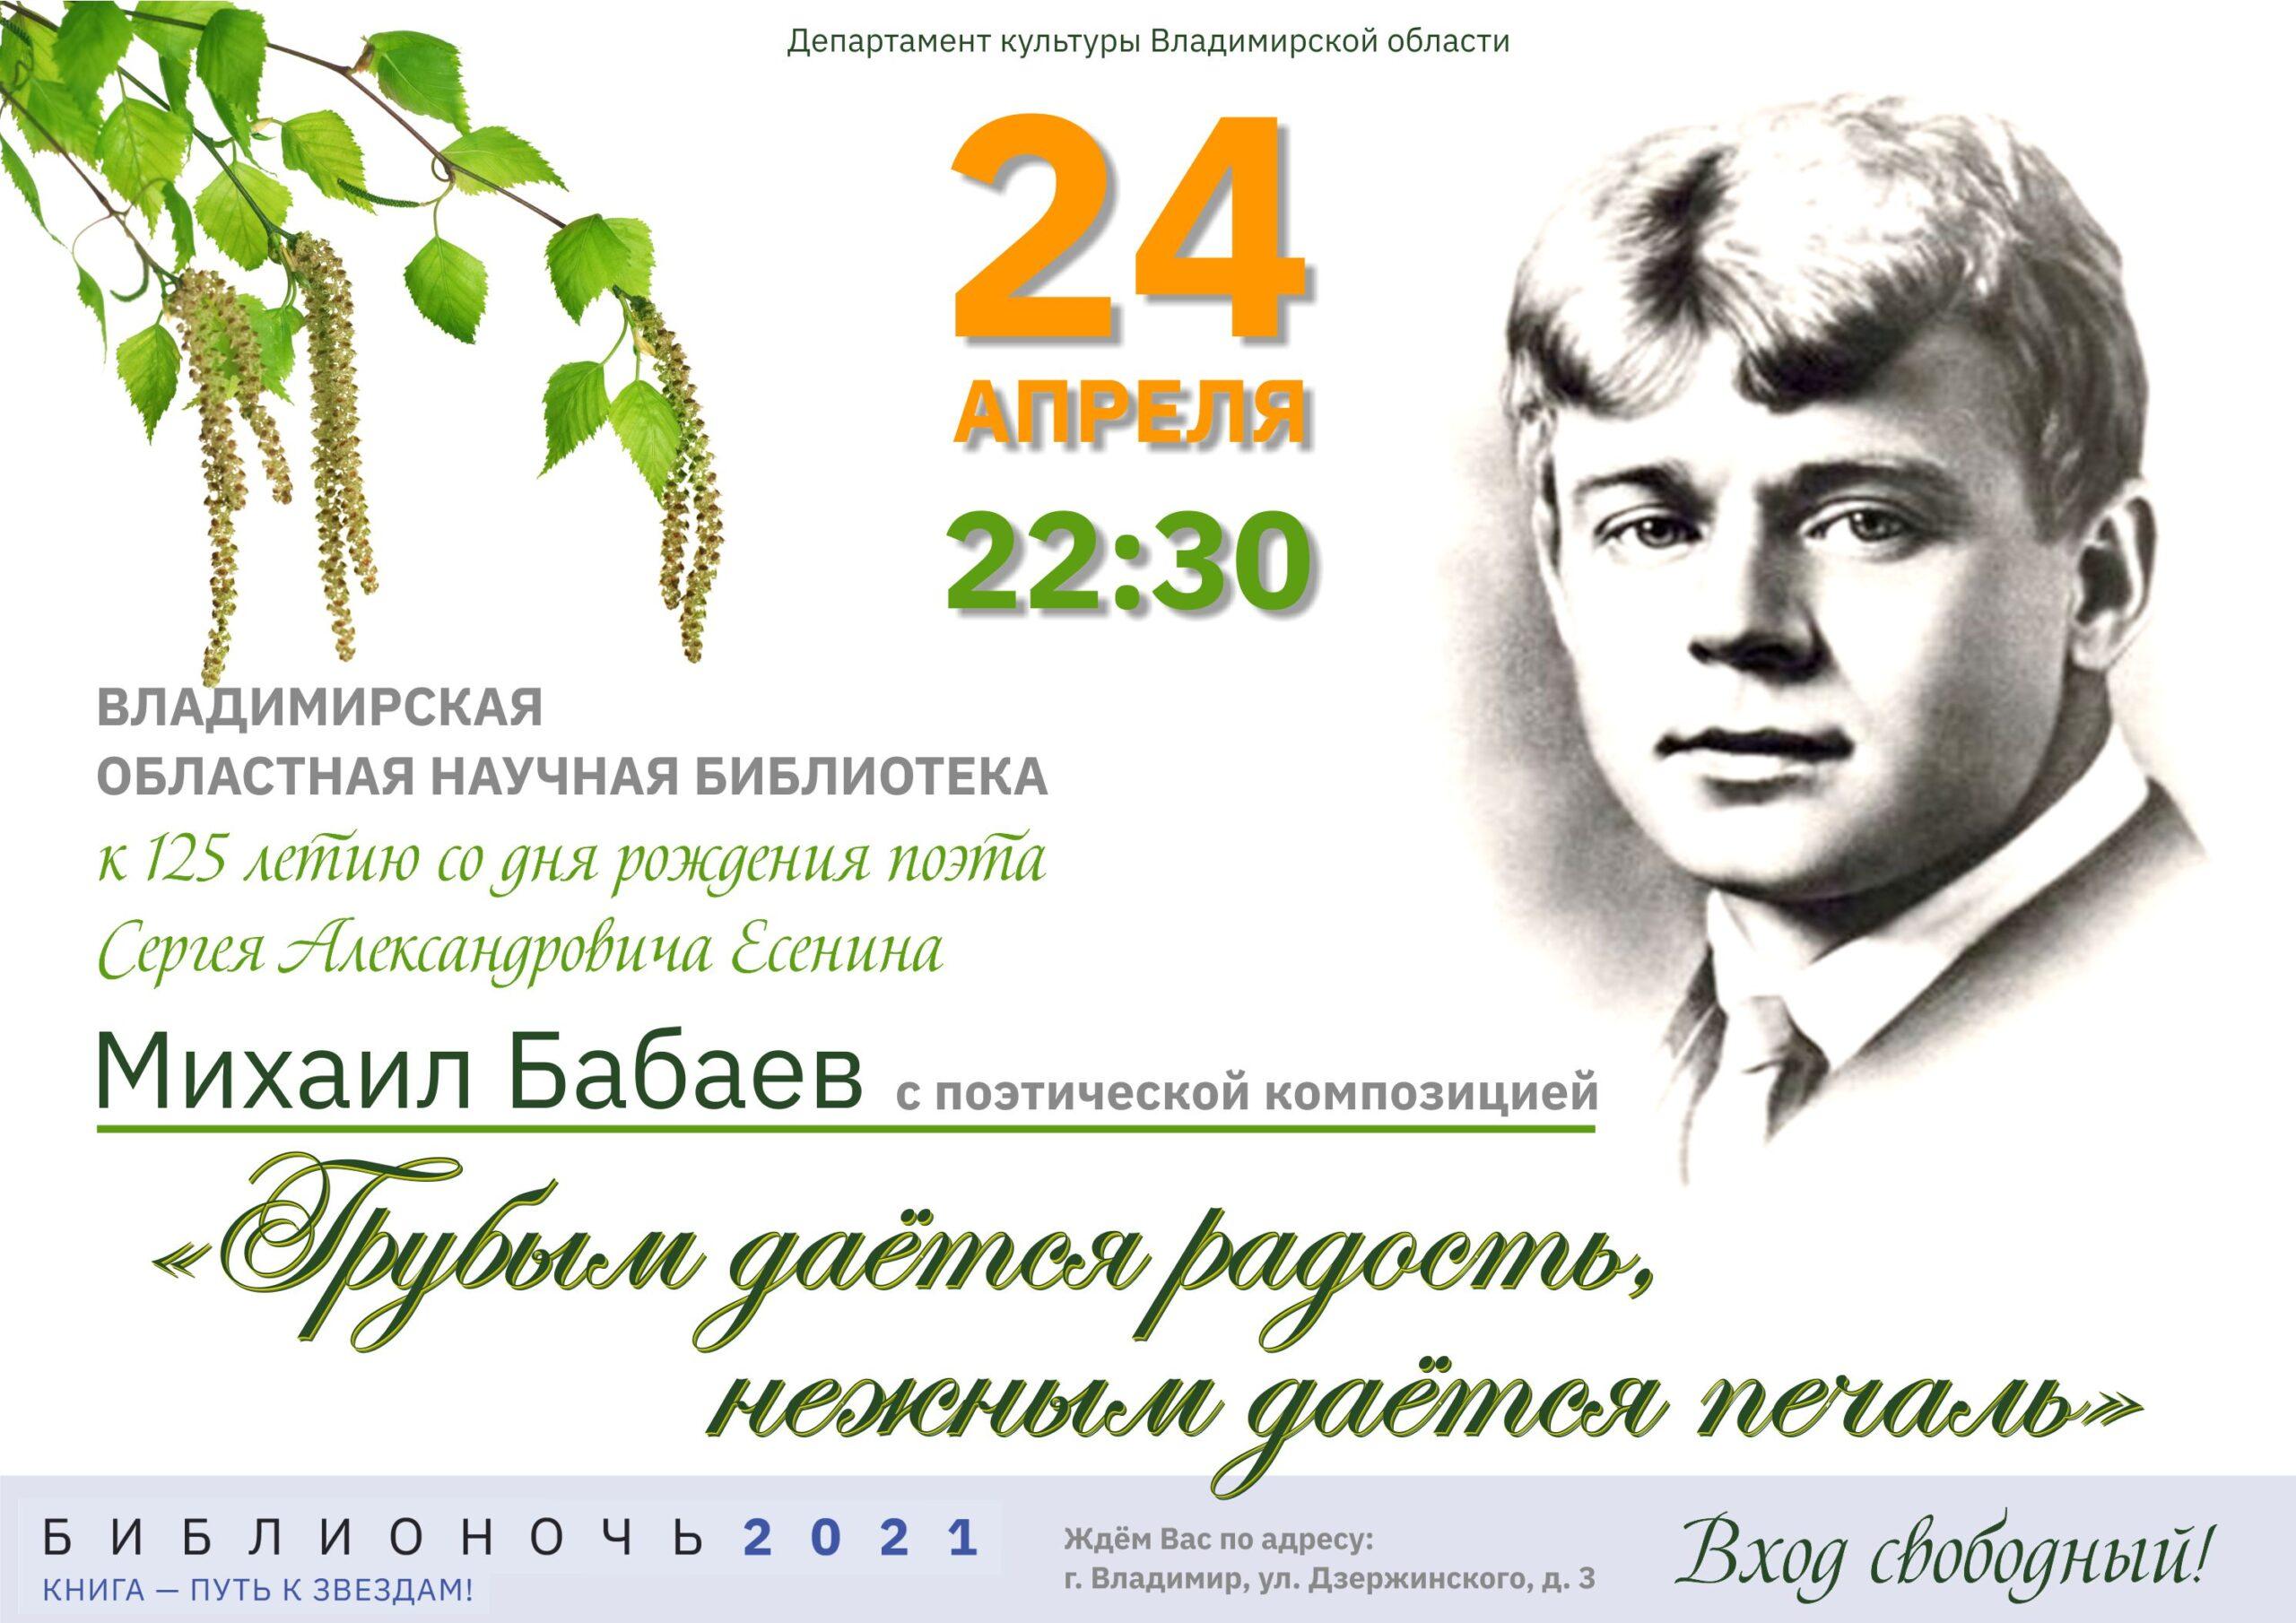 Михаил Бабаев Афиша выступления